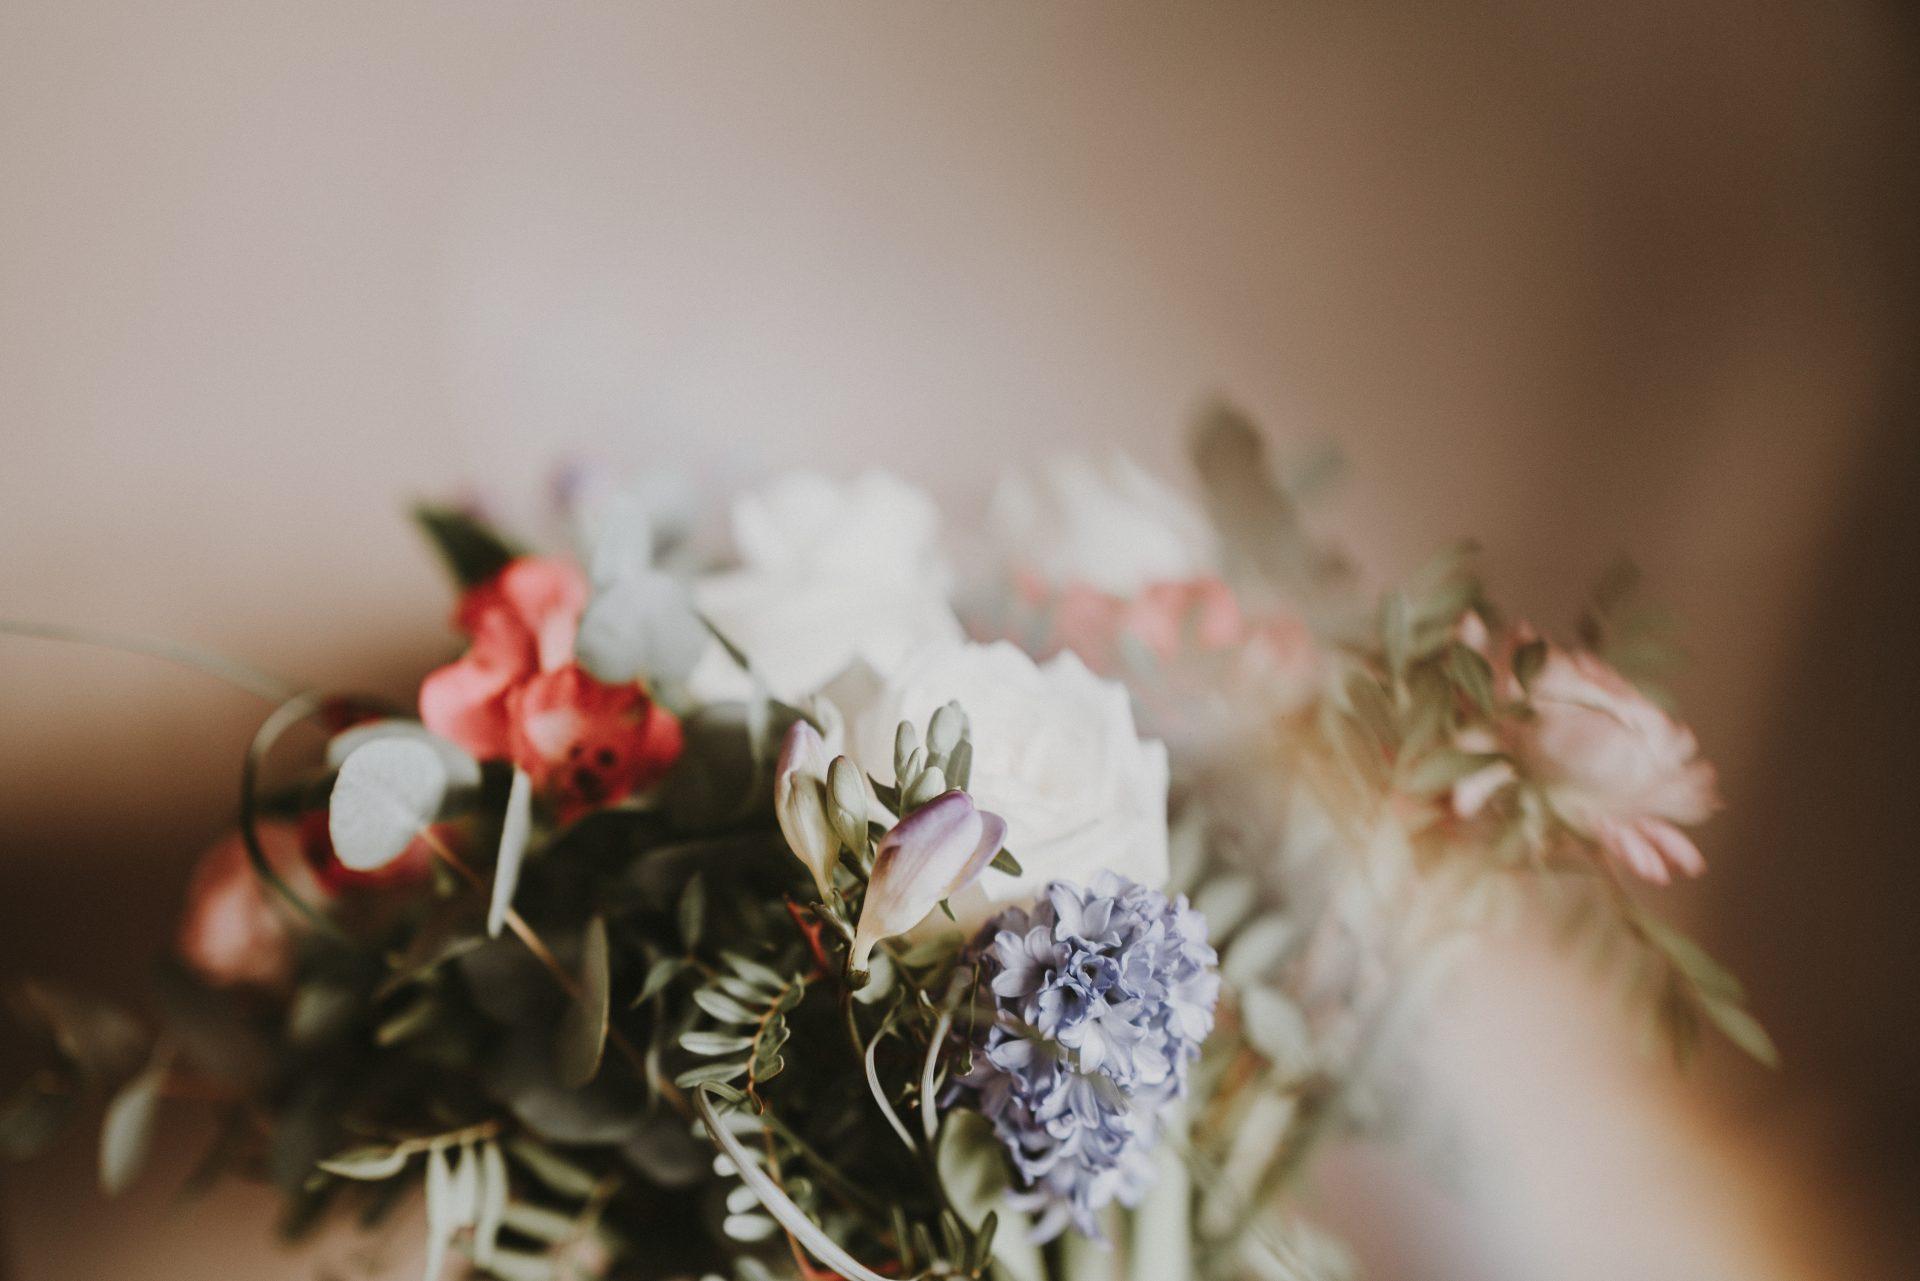 En bukett blommor.